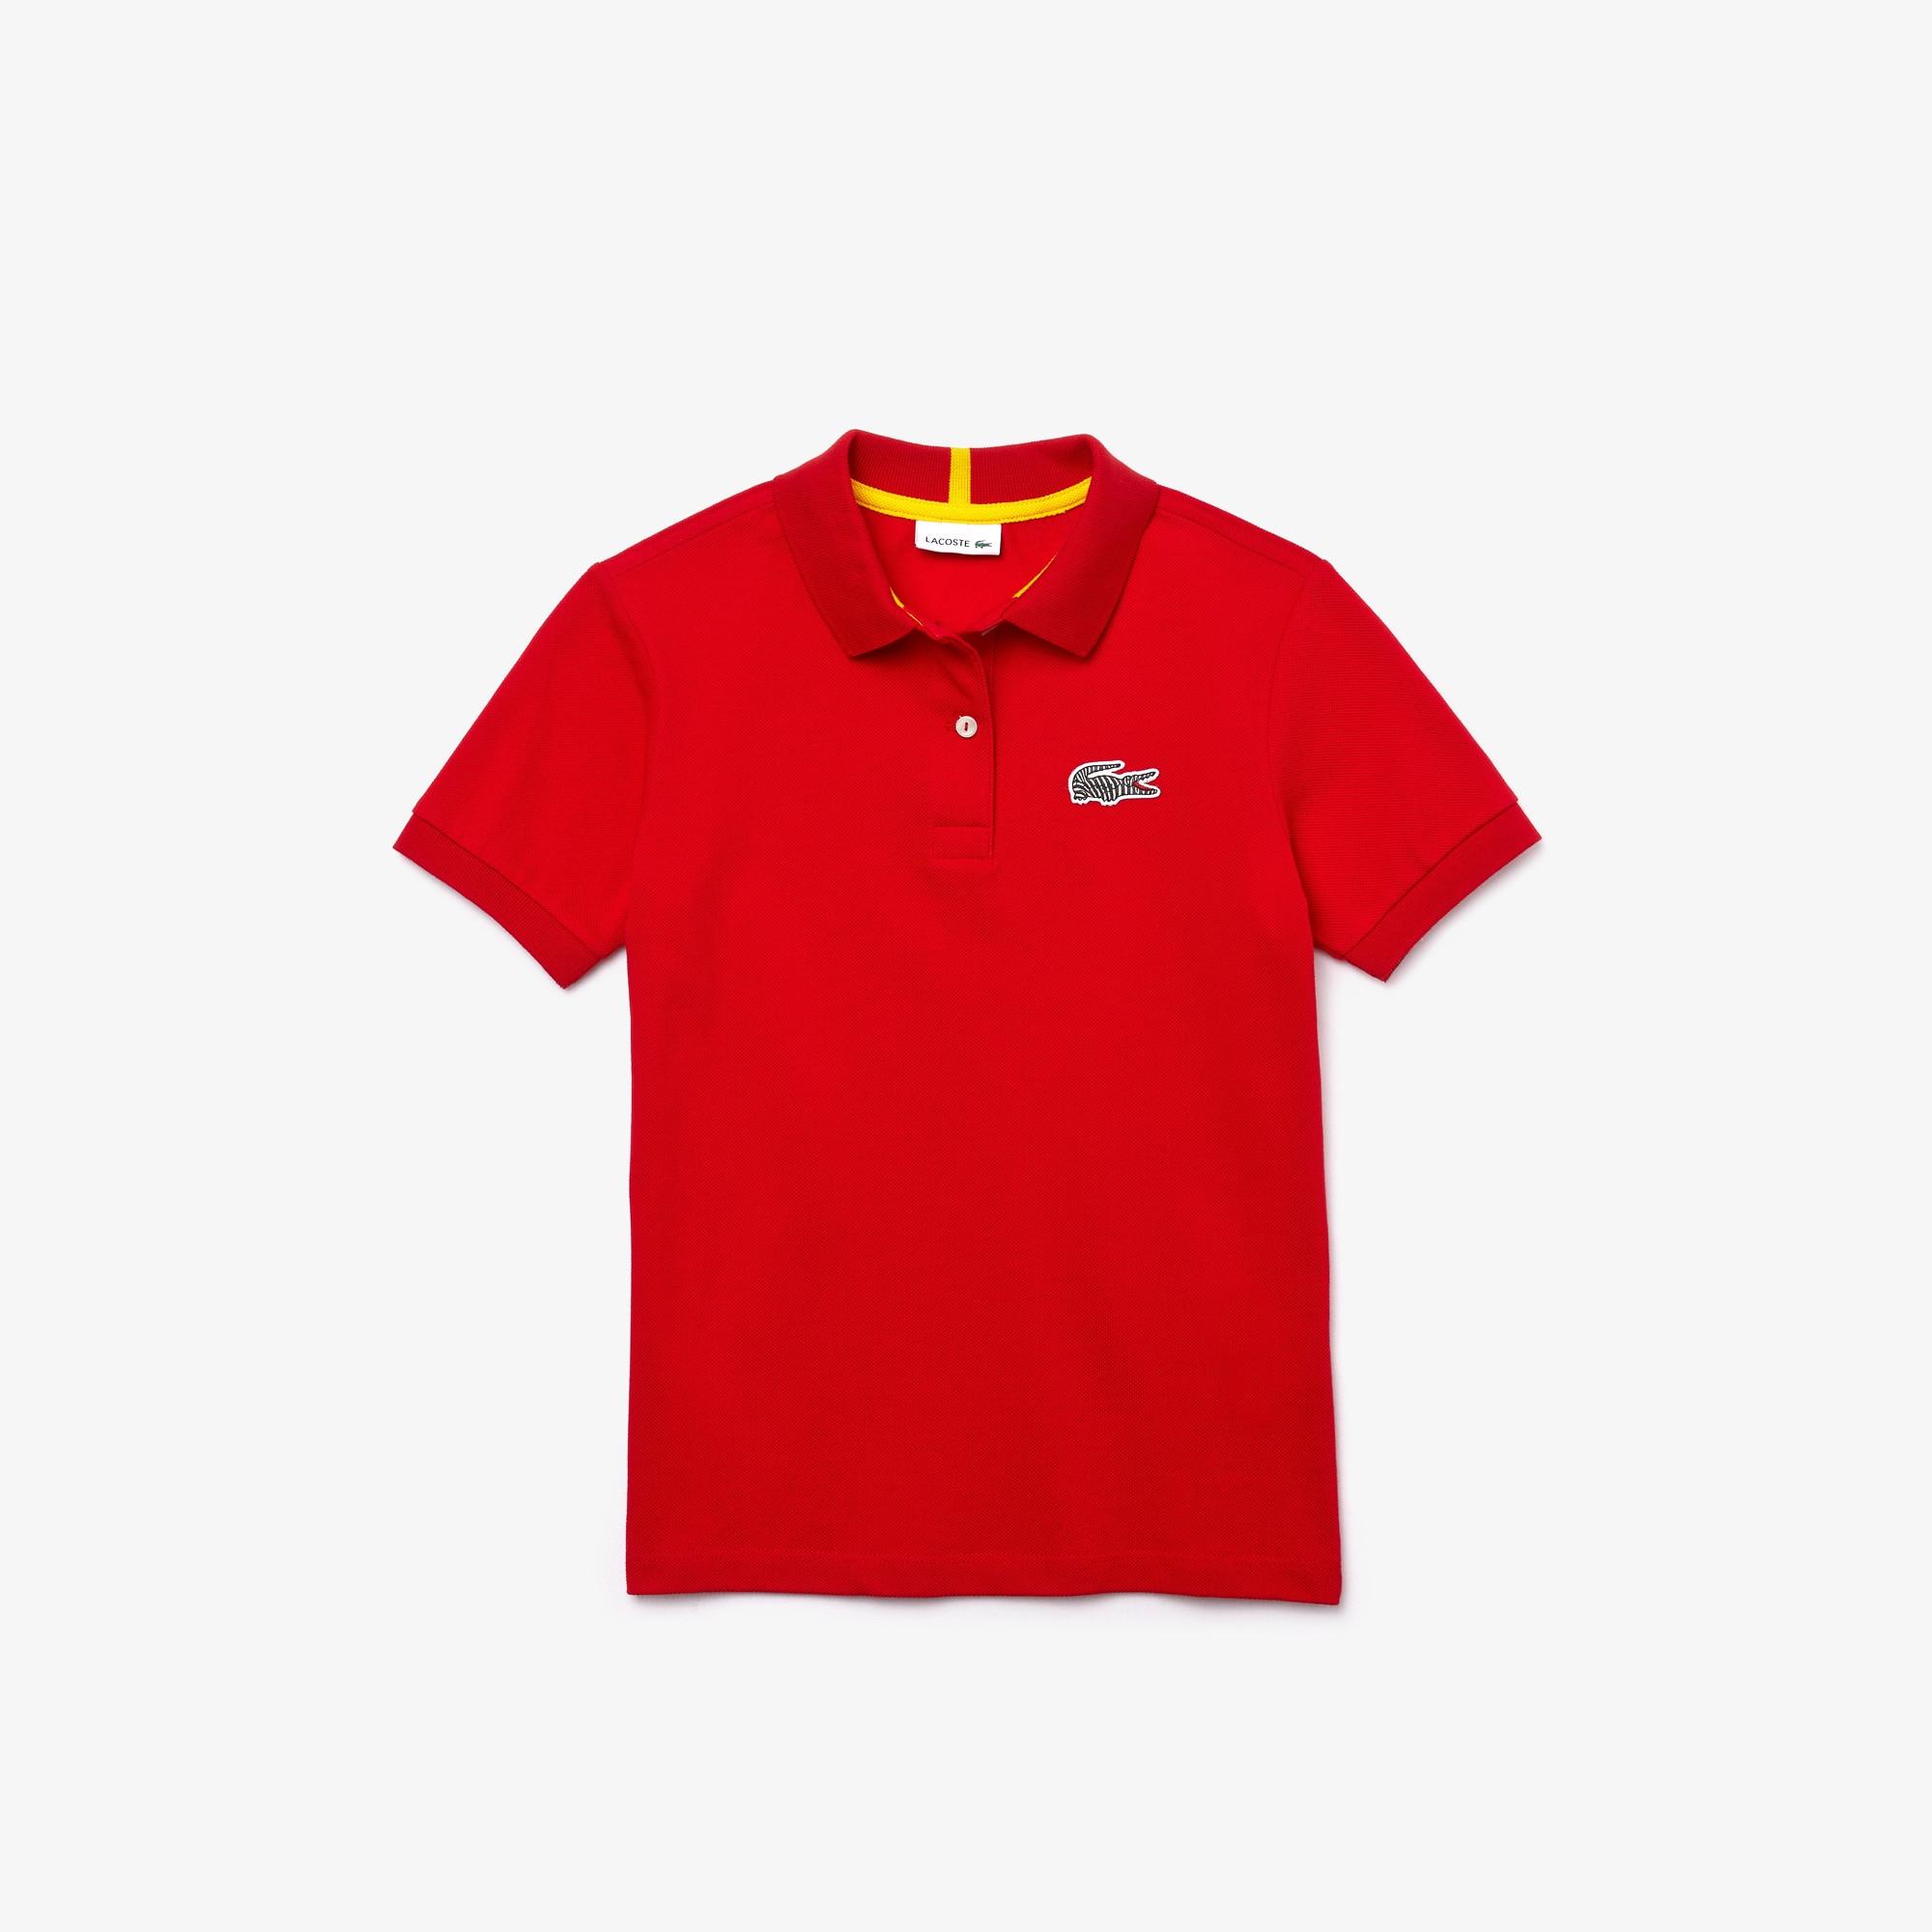 라코스테 X 내셔널 지오그래픽 콜라보 걸즈 폴로셔츠 Girls' Lacoste x National Geographic Cotton Pique Polo Shirt